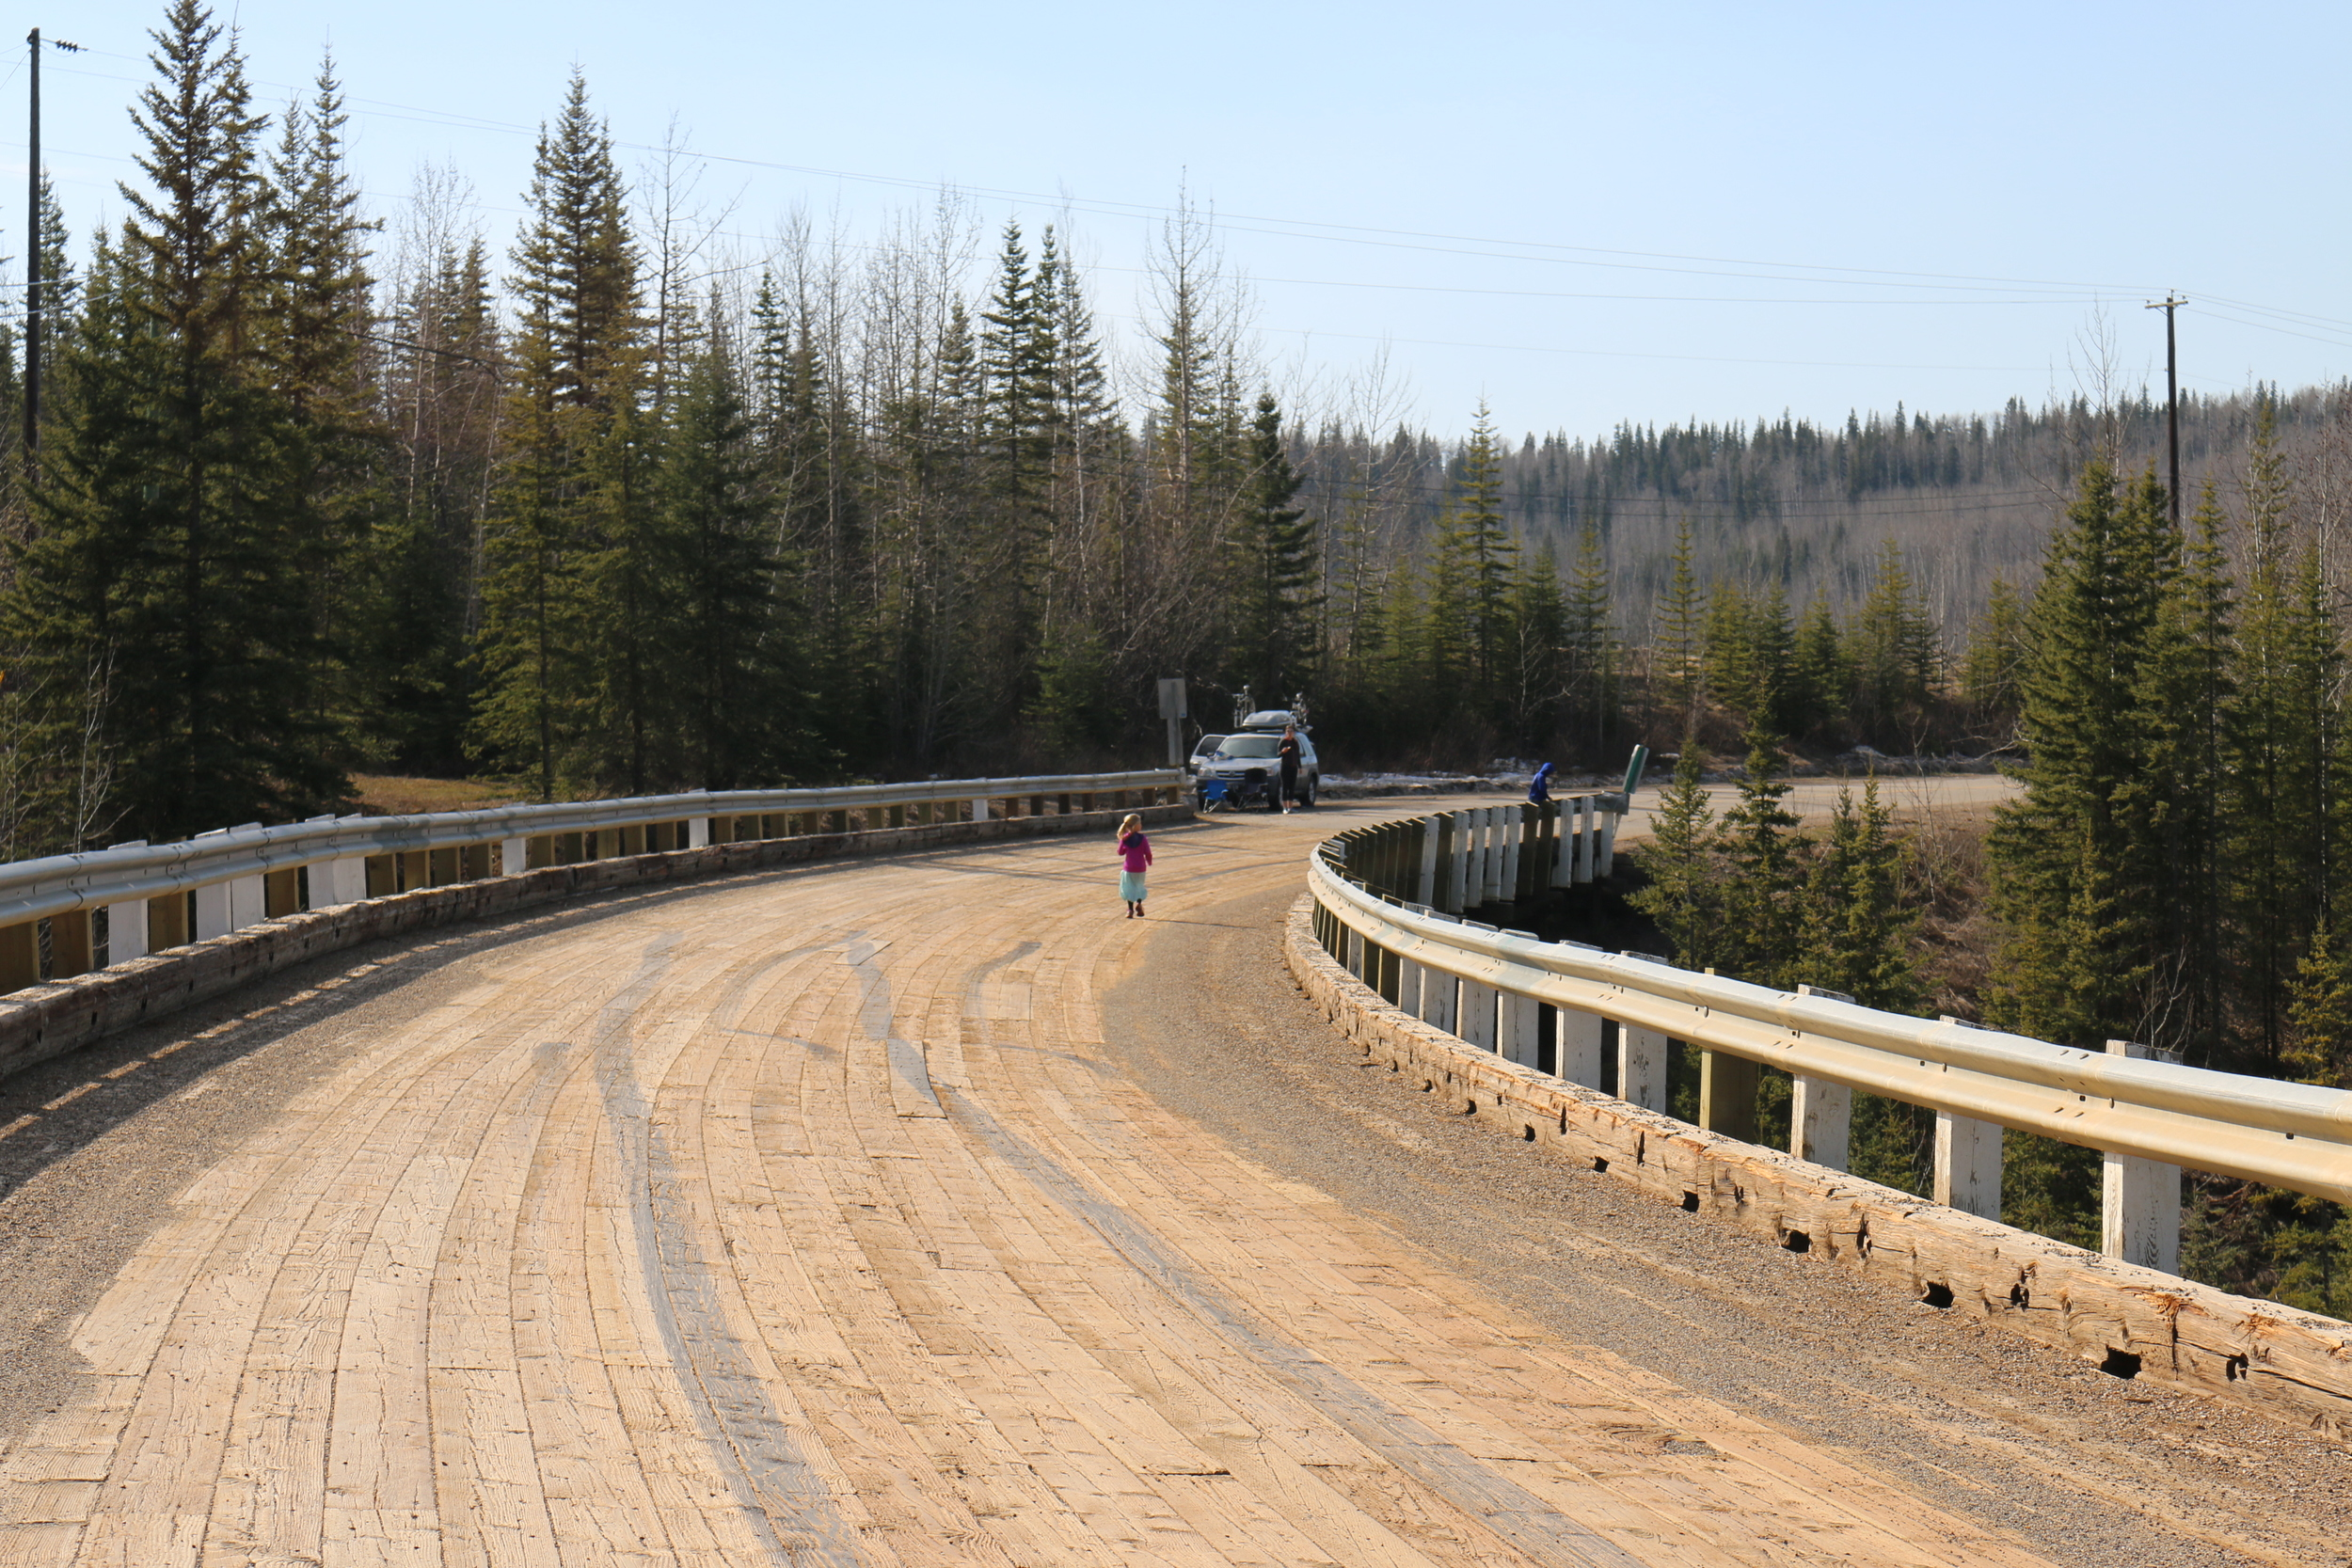 Kiskatinaw Bridge: I didn't drive the RV across it!